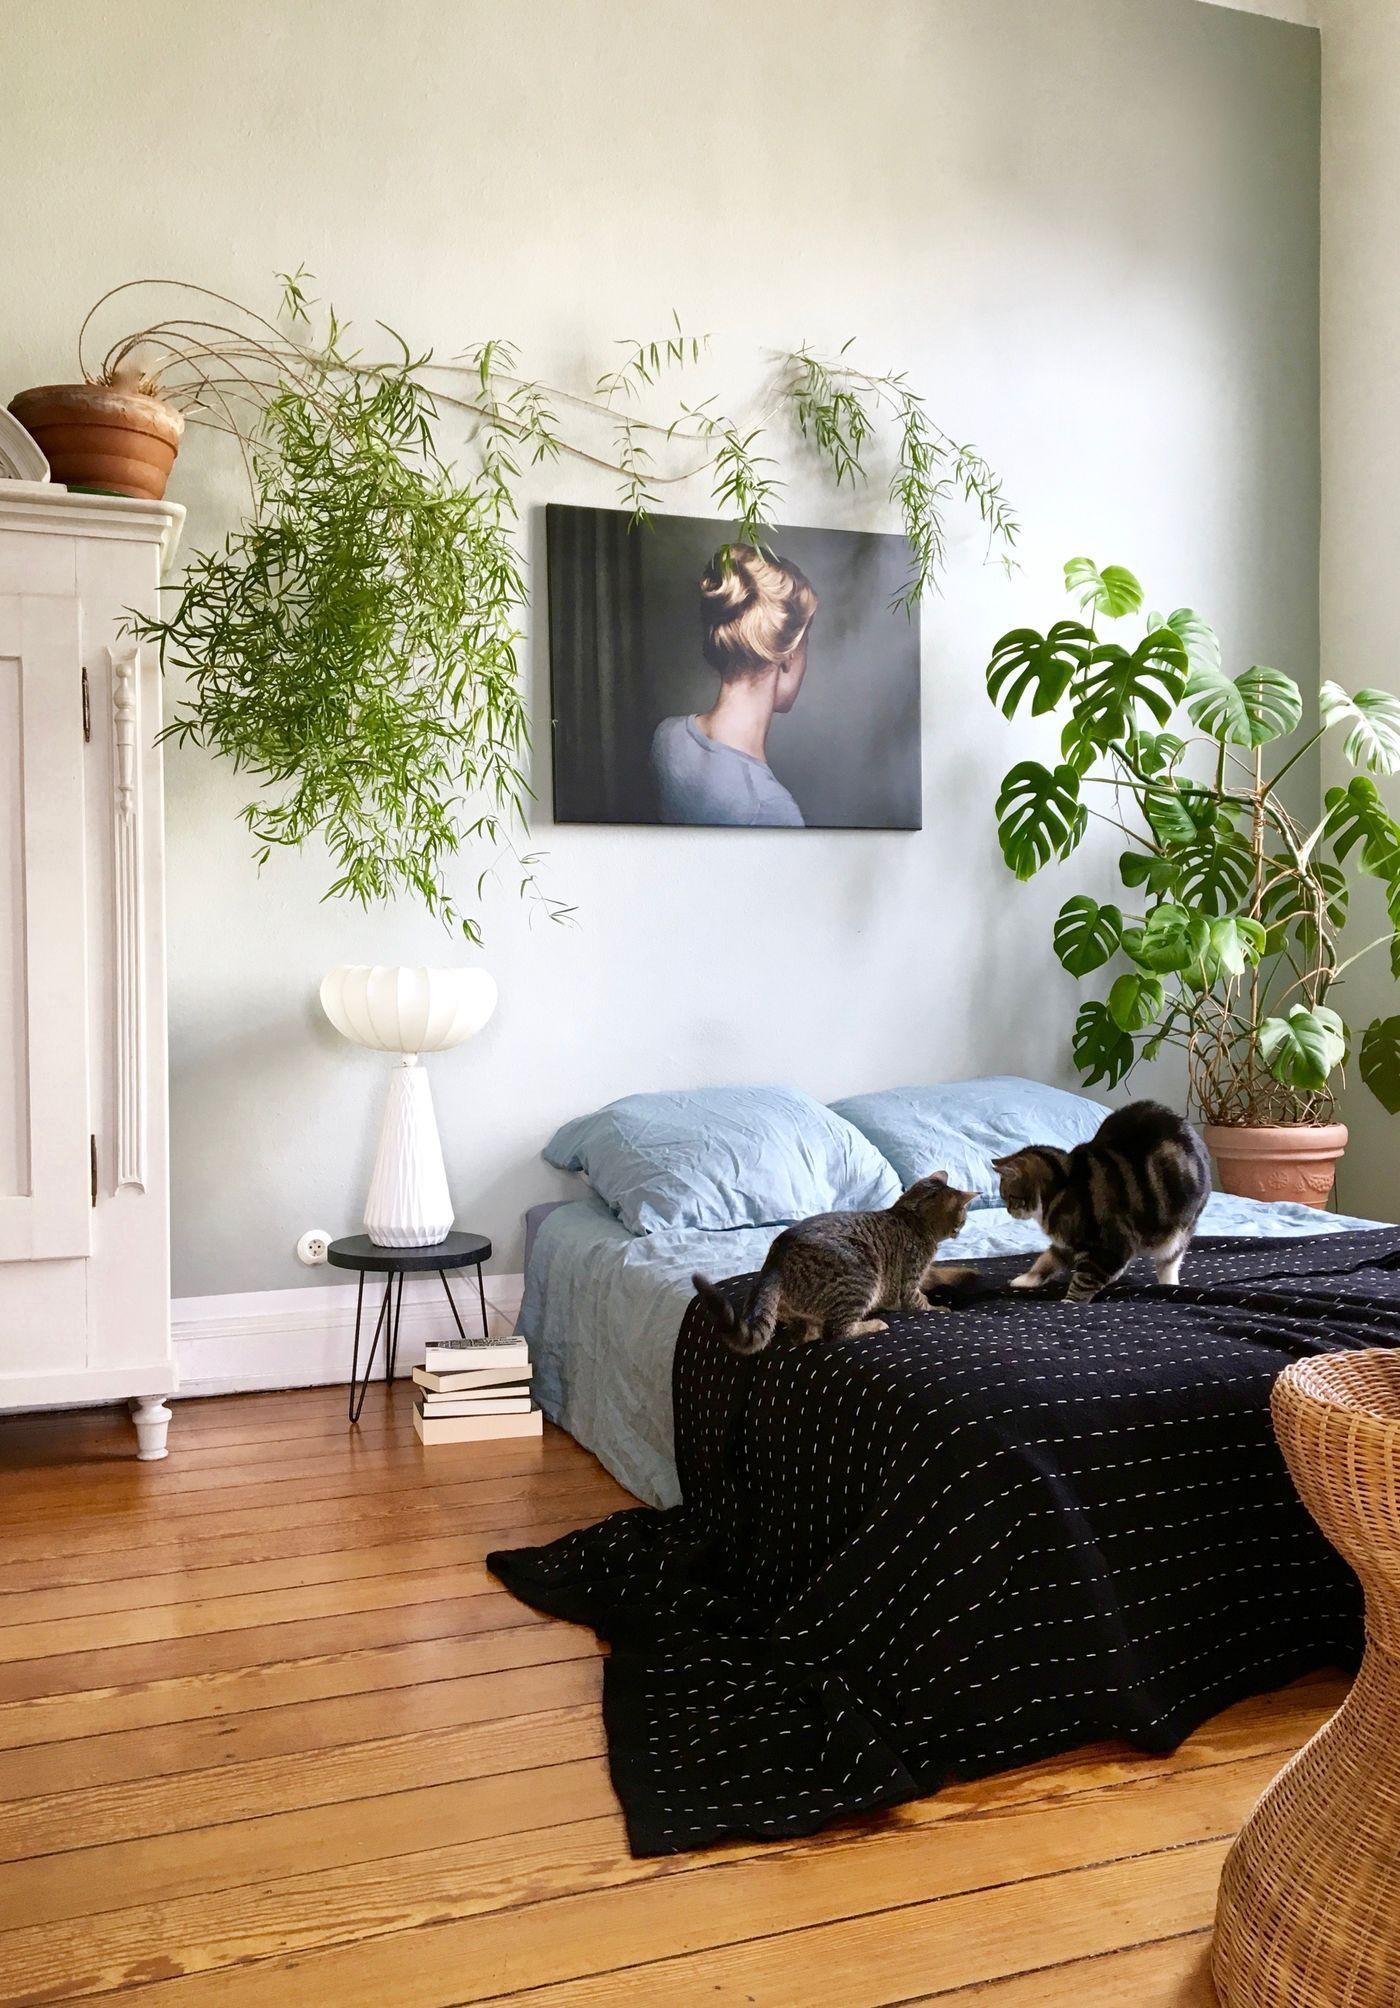 Schlafzimmer Ideen zum Einrichten & Gestalten (mit